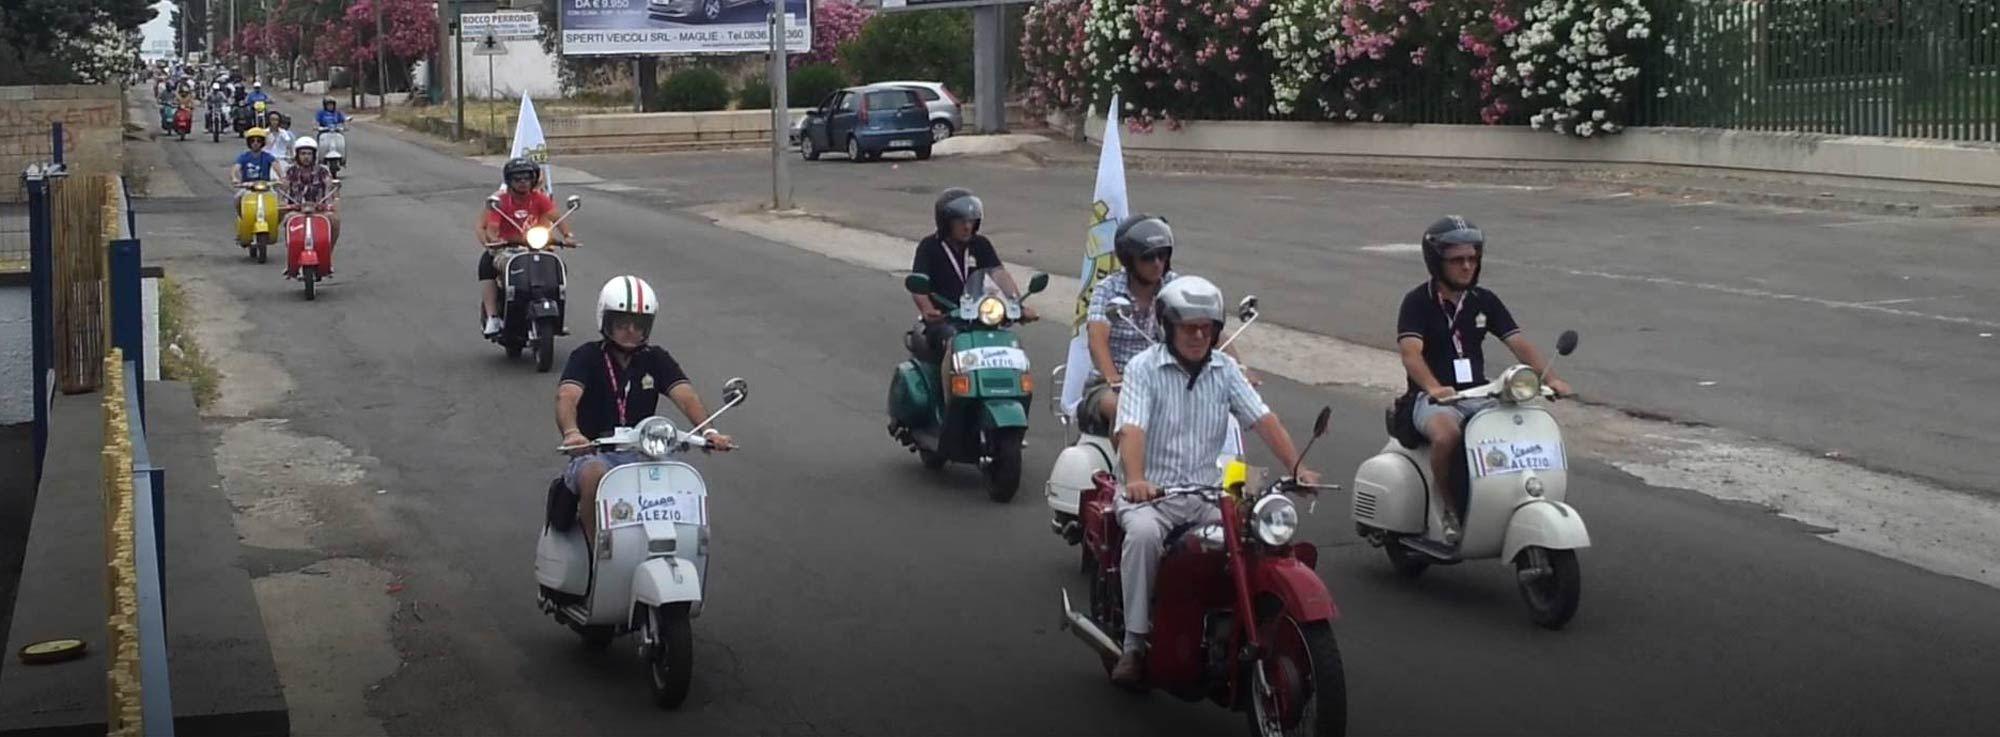 Francavilla Fontana: Raduno di Moto storiche